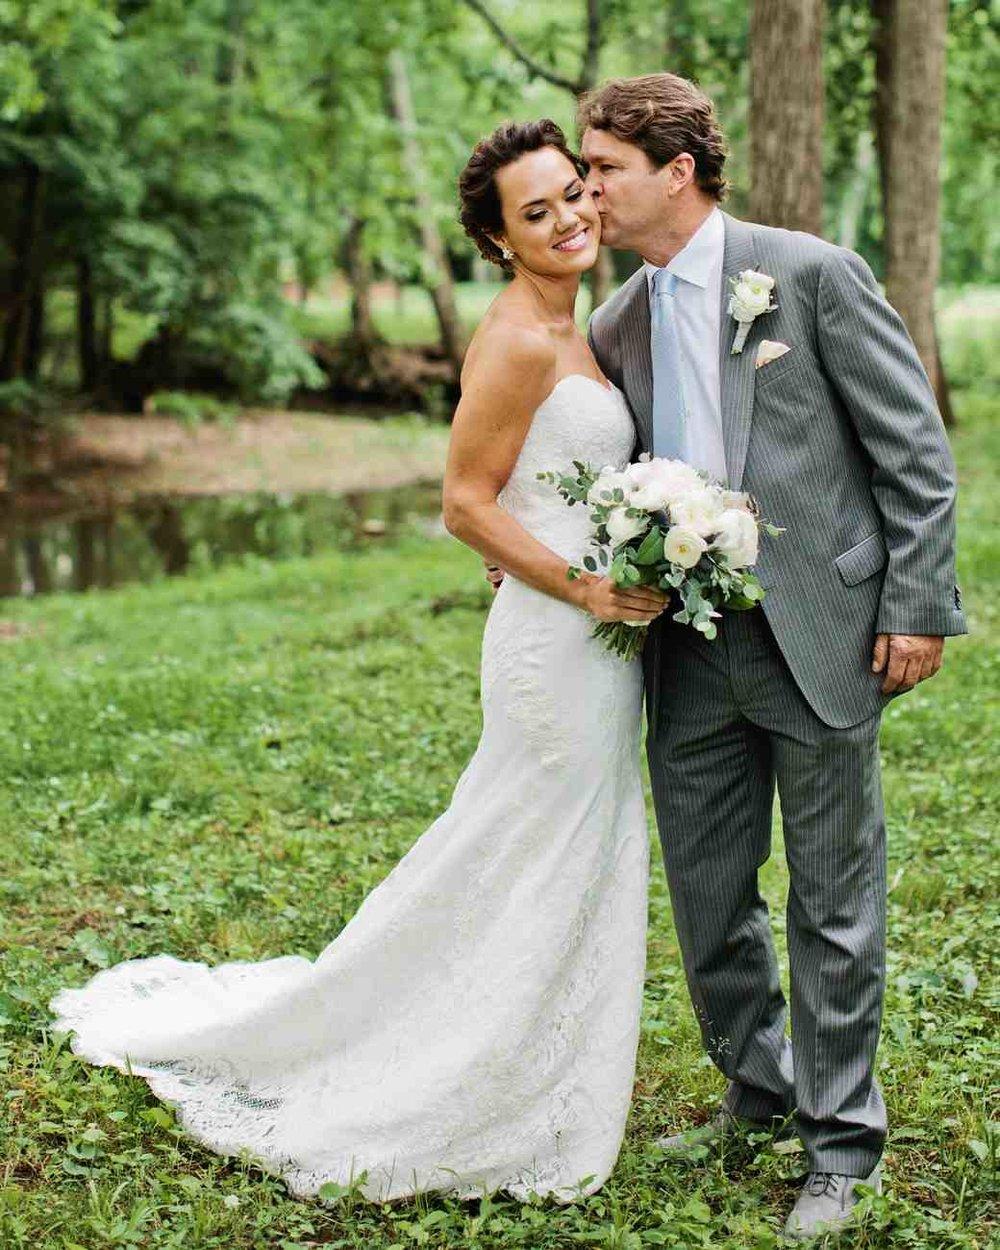 memree-rich-wedding-couple-kiss-199-6257086-0217_vert.jpg